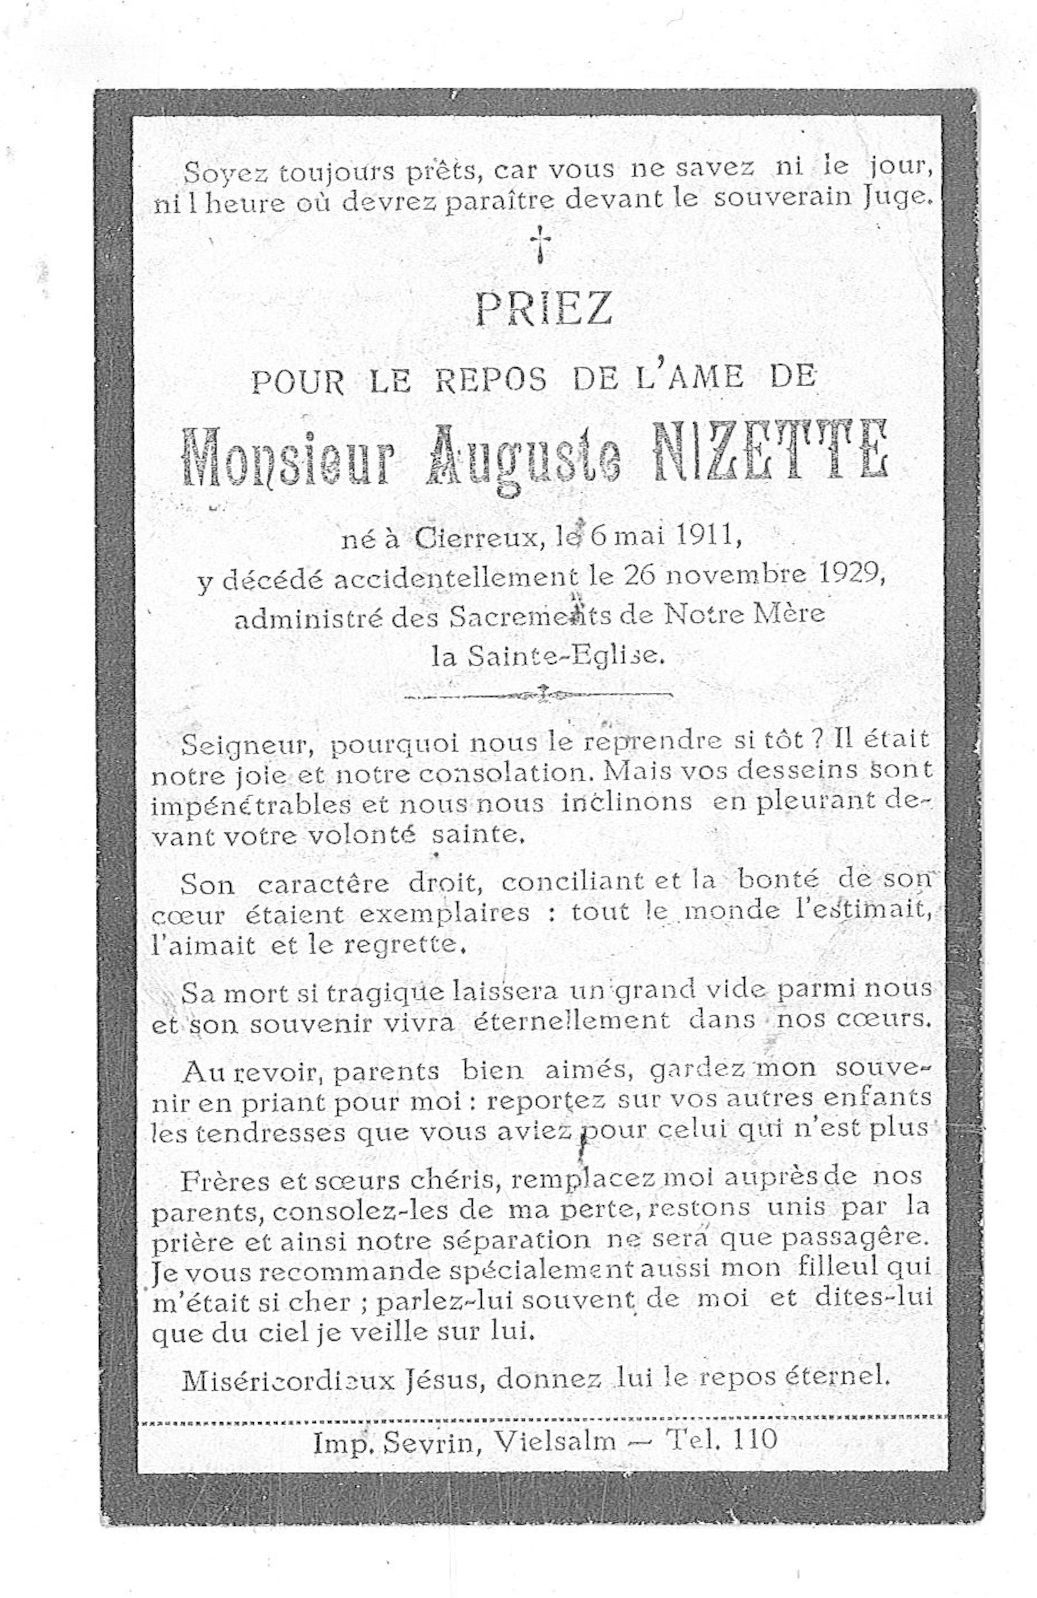 Auguste Nizette